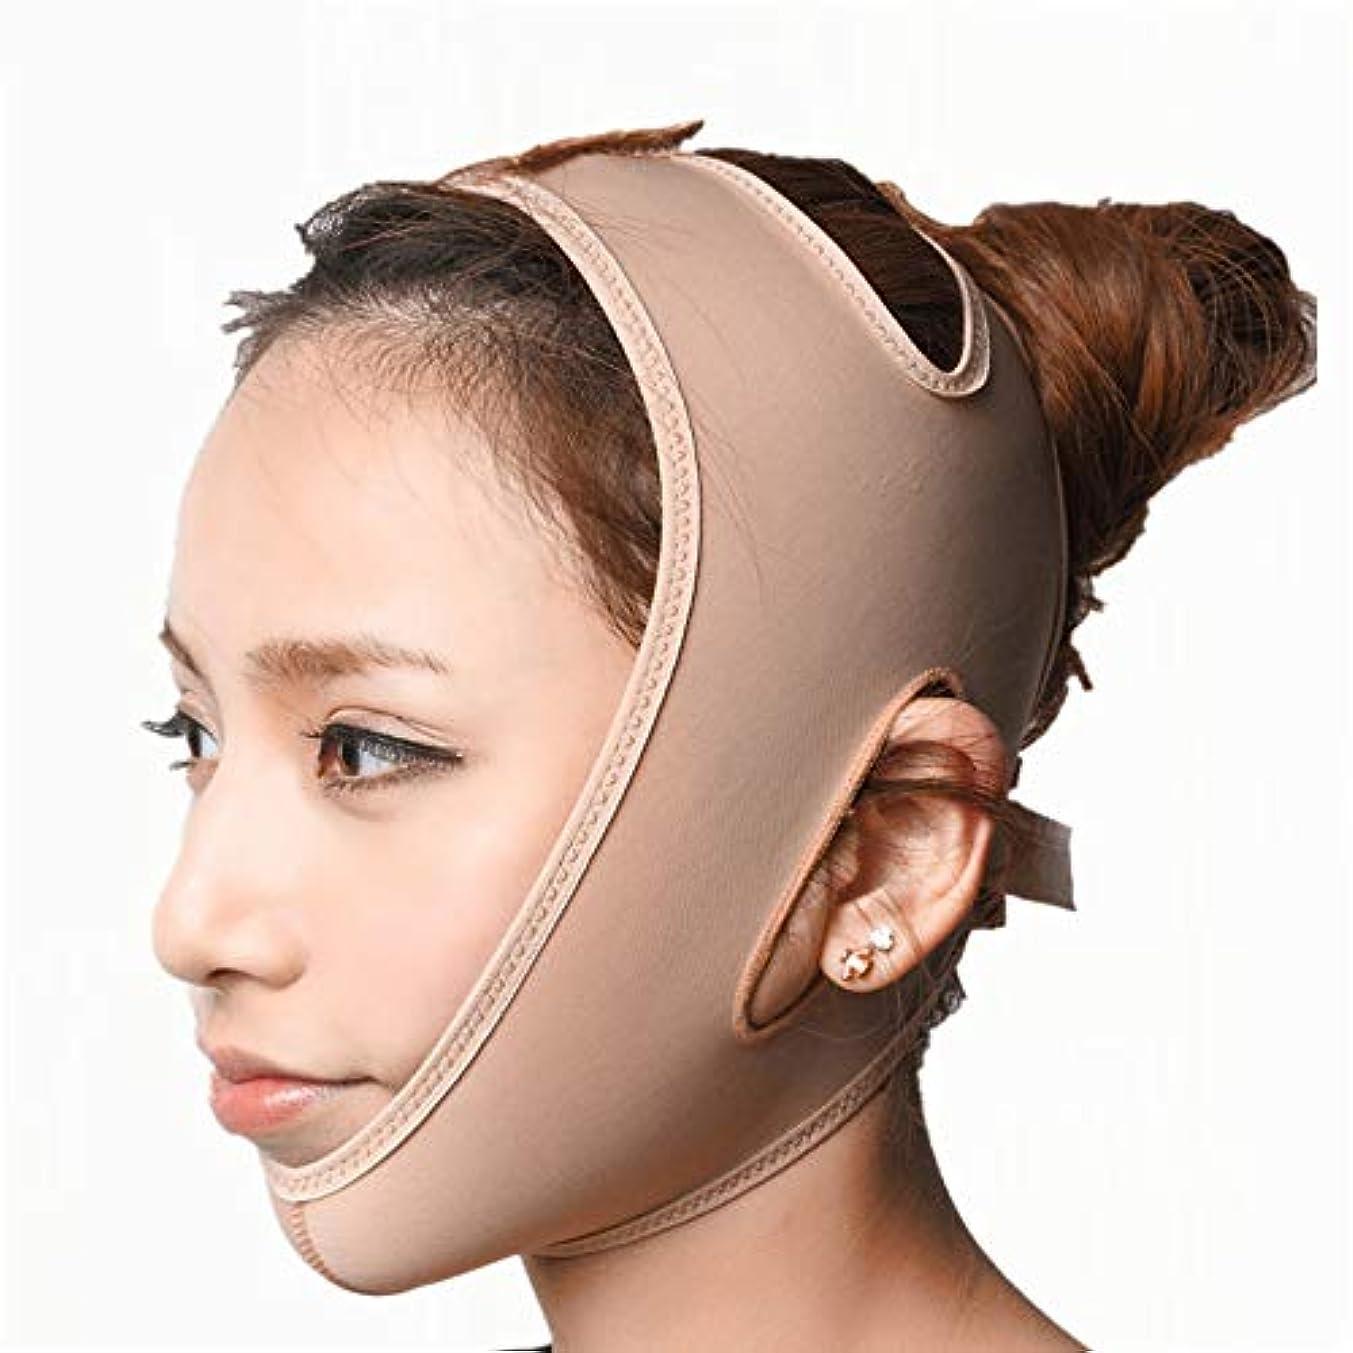 尋ねる審判洞察力Jia Jia- 顔の持ち上がる痩身ベルト - アンチエイジングリンクルフェイスマスクベルトシンフェイス包帯整形マスクは顔と首を締めますフェイススリム 顔面包帯 (サイズ さいず : M)